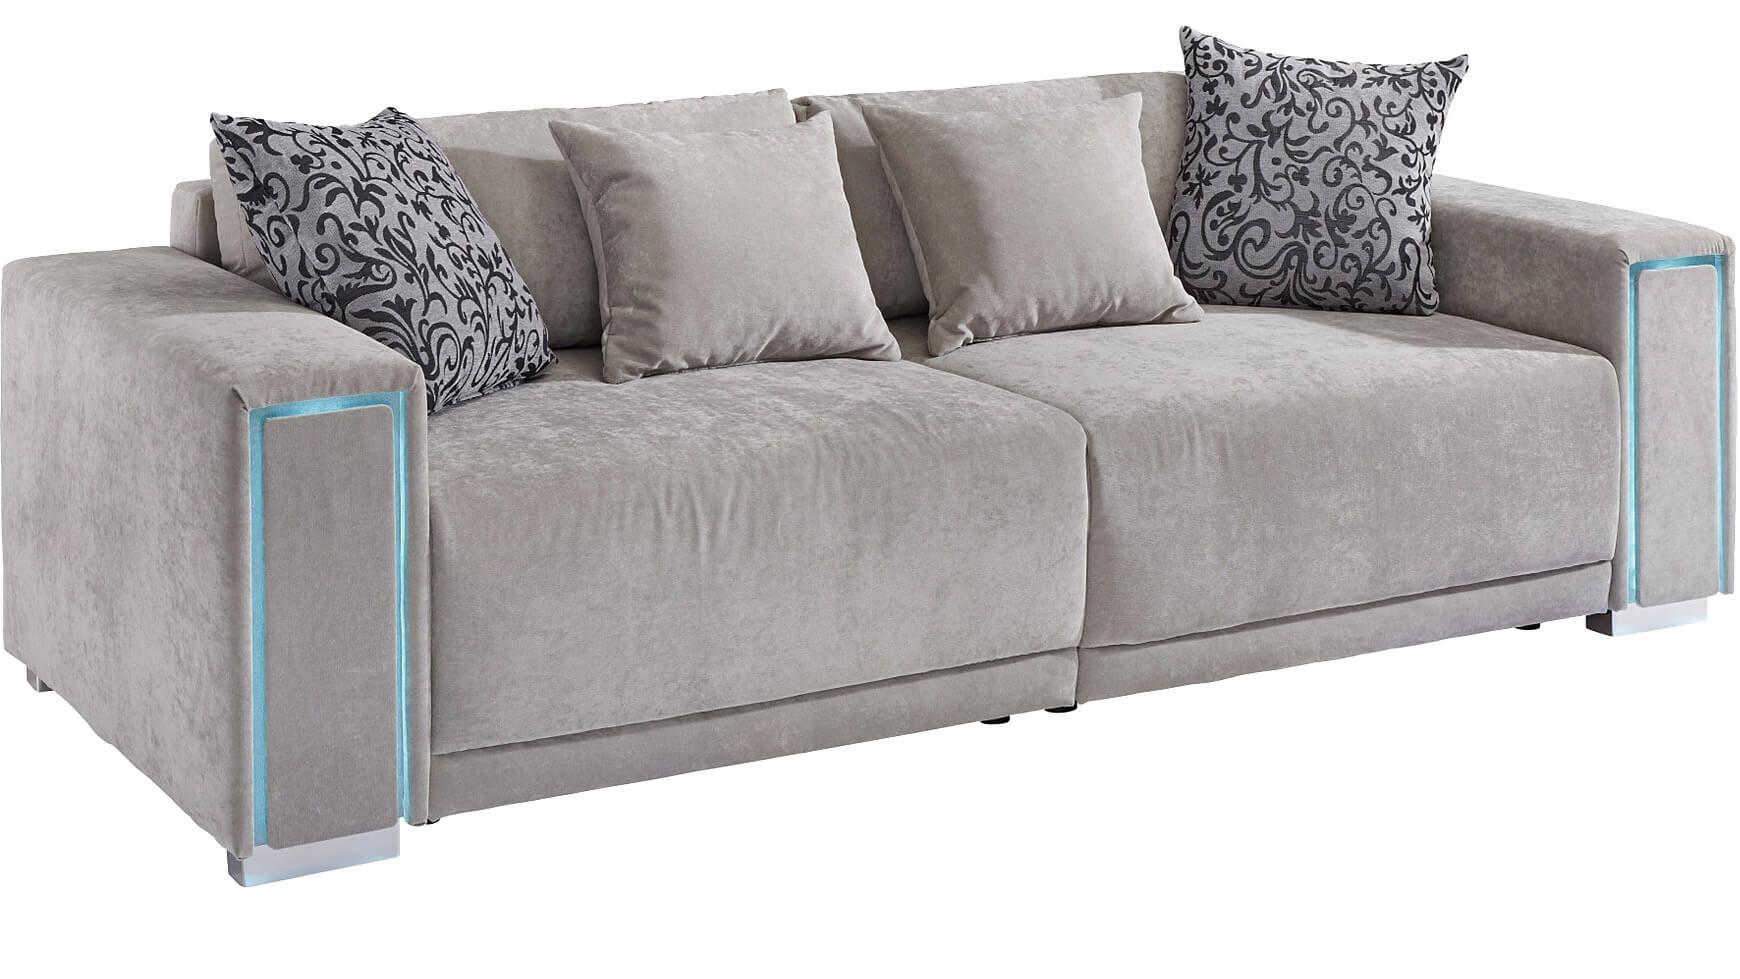 Full Size of Xxl Sofa Couch Extragroe Sofas Bestellen Bei Cnouchde Großes Bild Wohnzimmer Große Kissen Bett Ecksofa Garten Bezug Esstisch Groß Regal Großer Mit Ottomane Wohnzimmer Ecksofa Groß